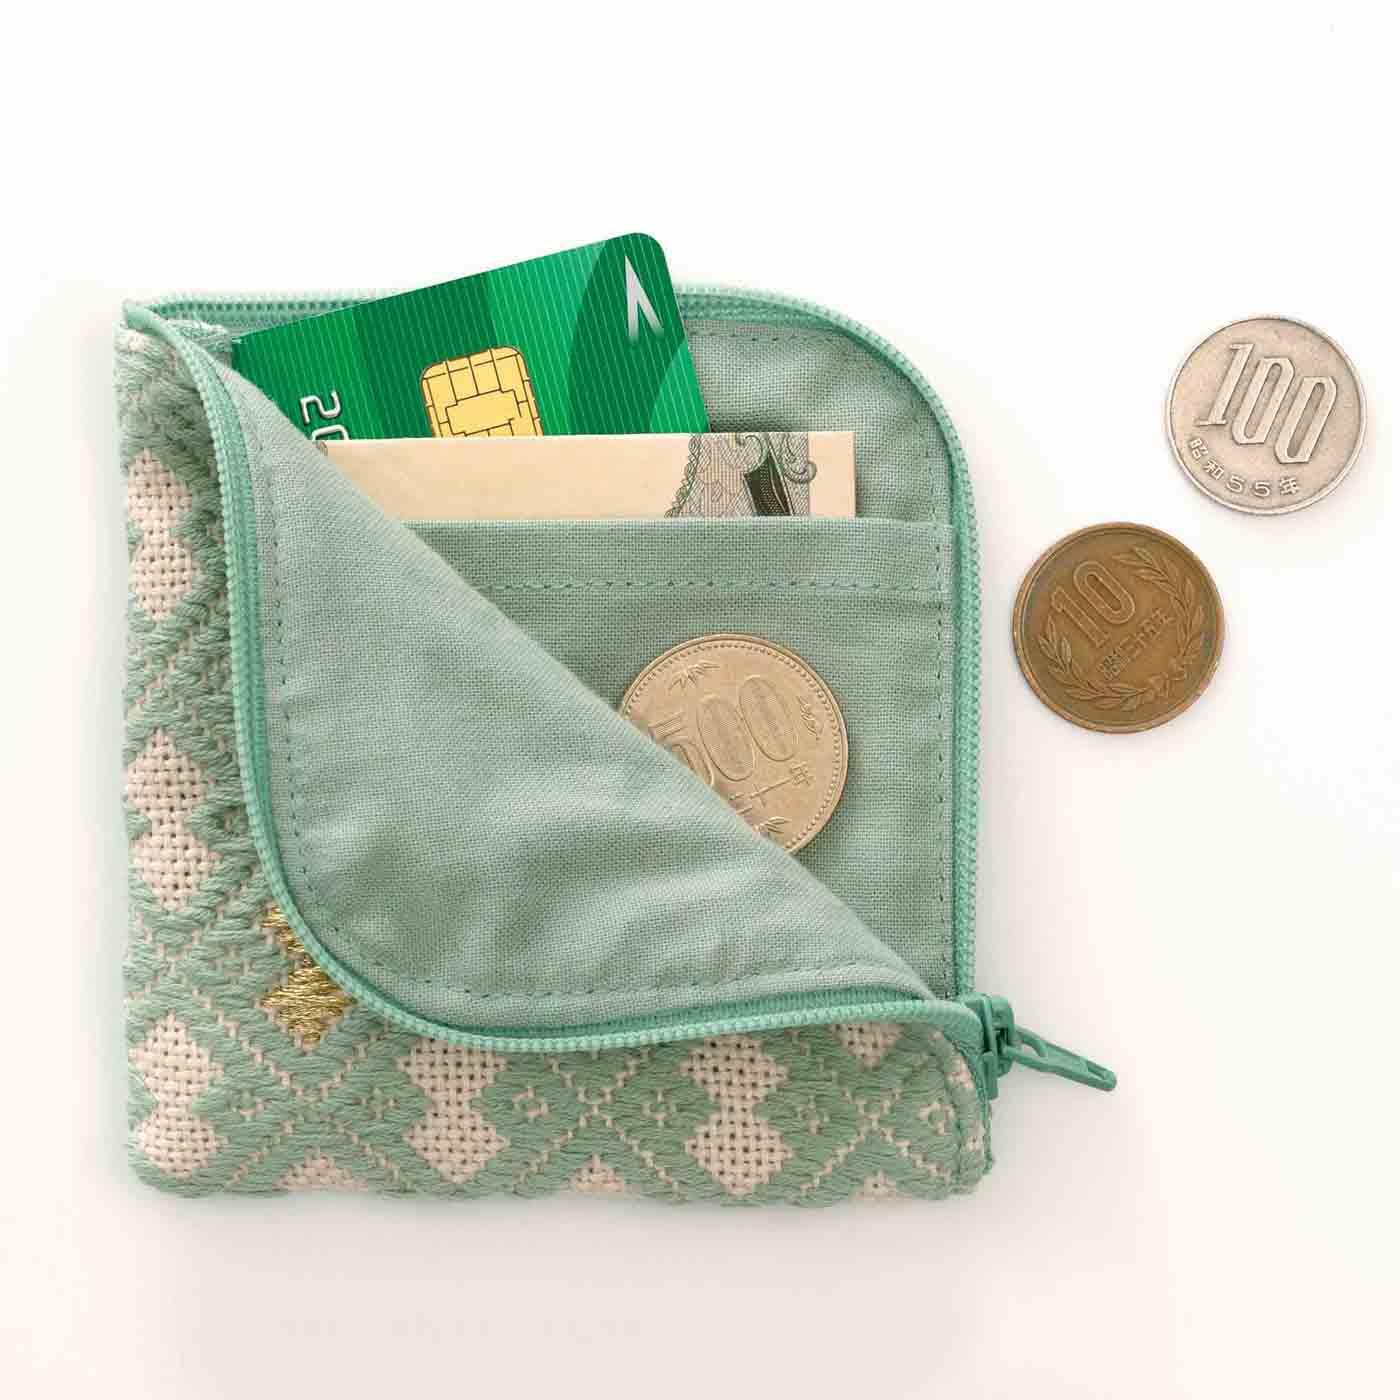 お札やカードとコインを分けて収納できるポケット付きで使いやすい。